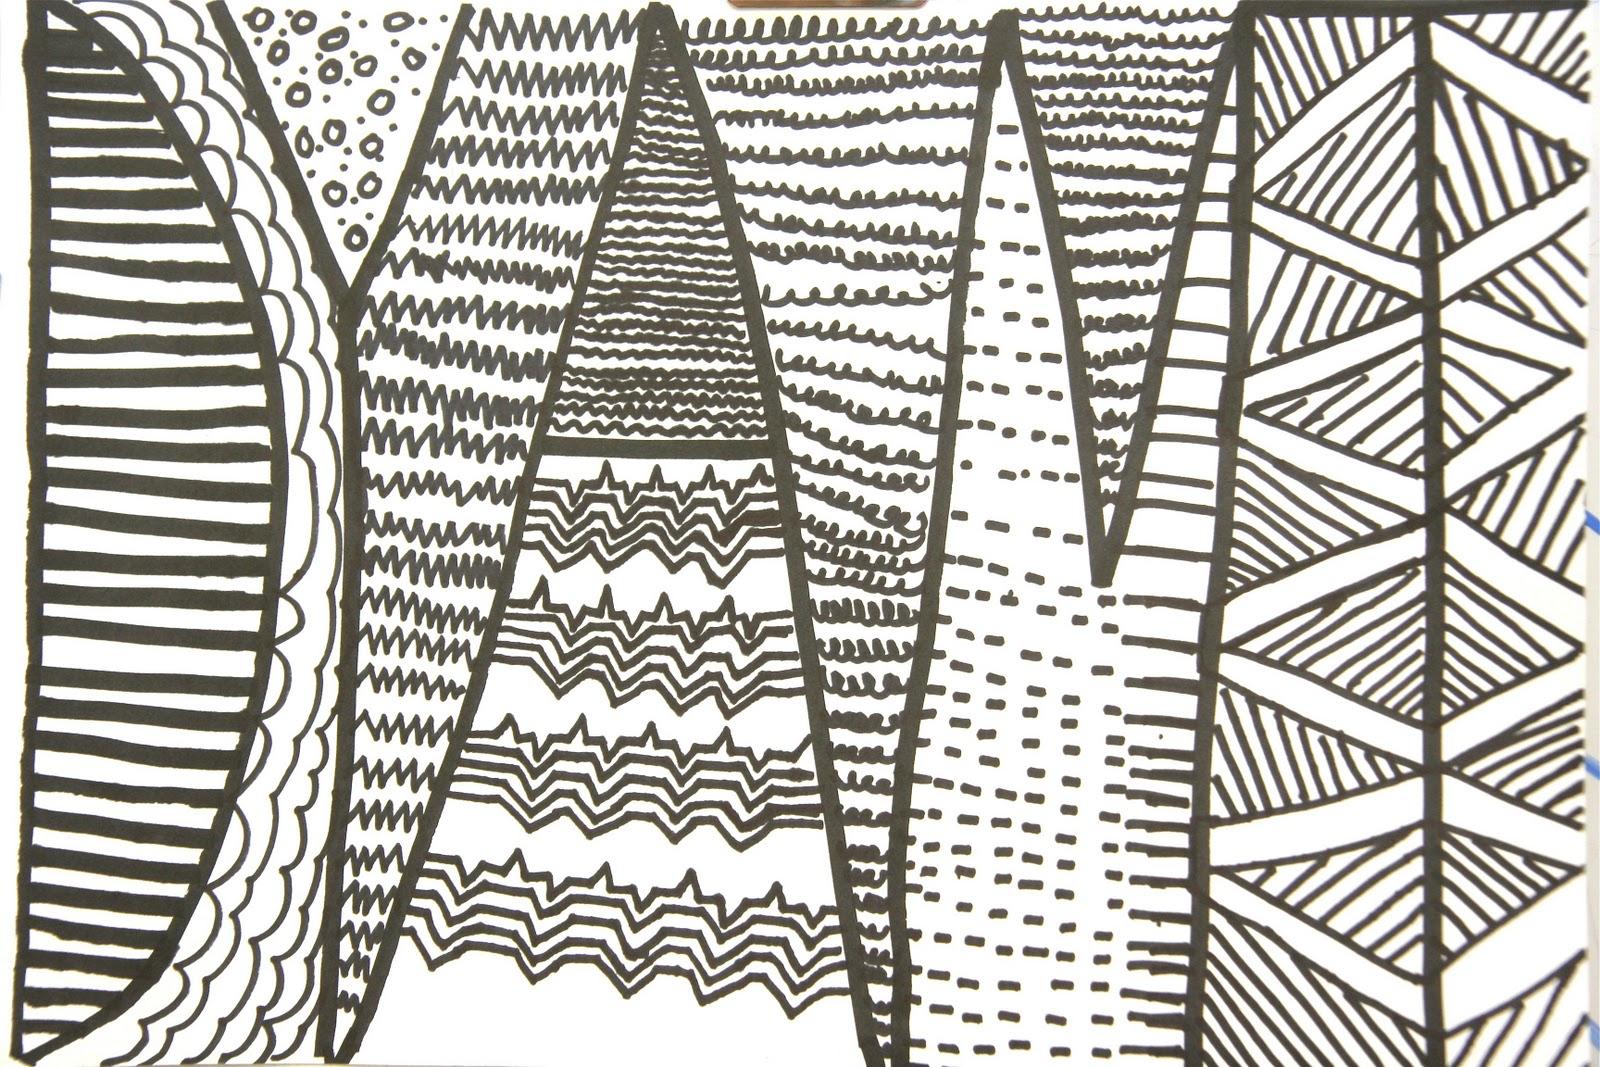 Splish Splash Splatter Abstract Name Drawings W Pattern